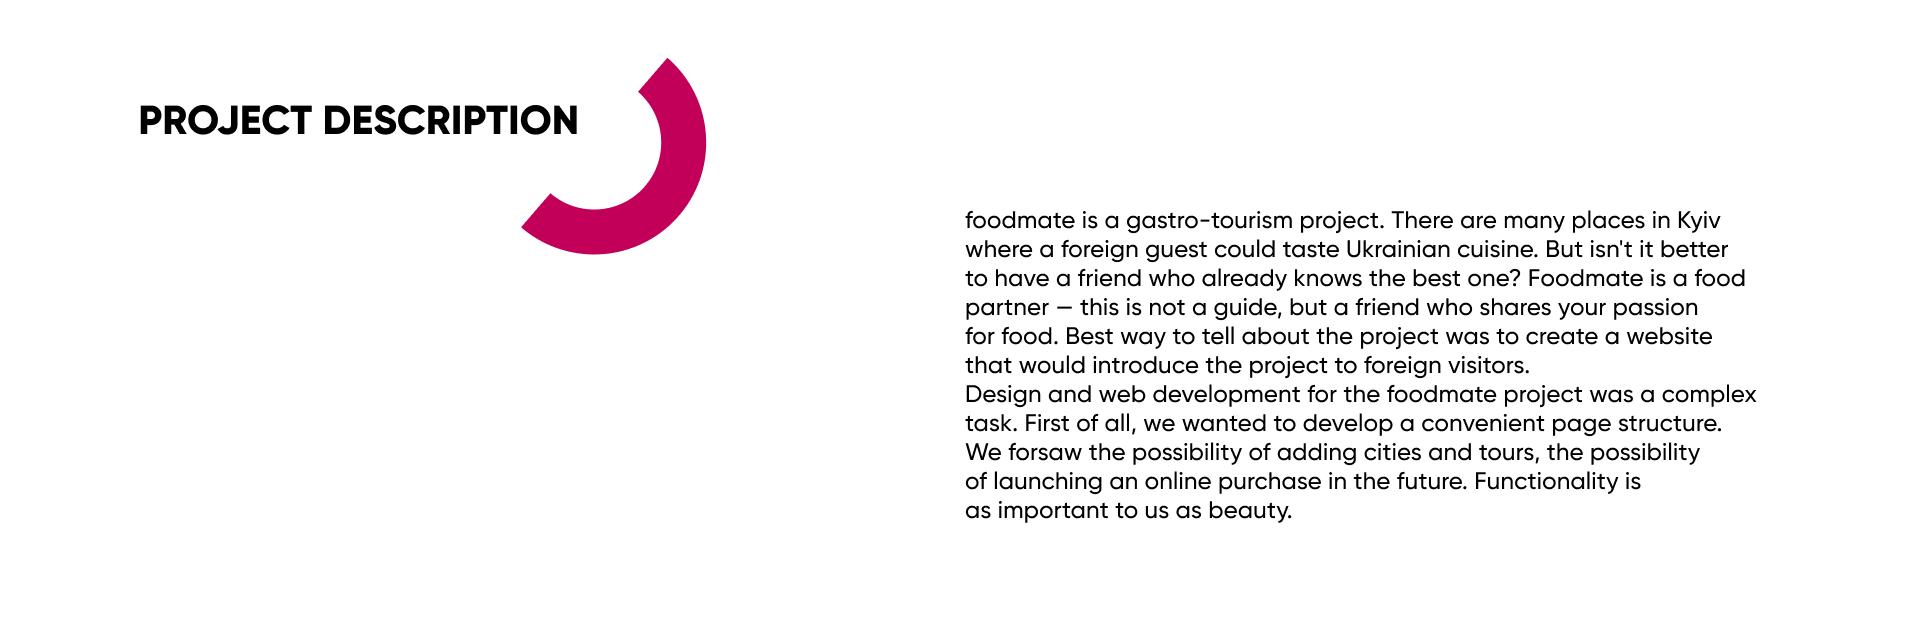 Описание проекта foodmate